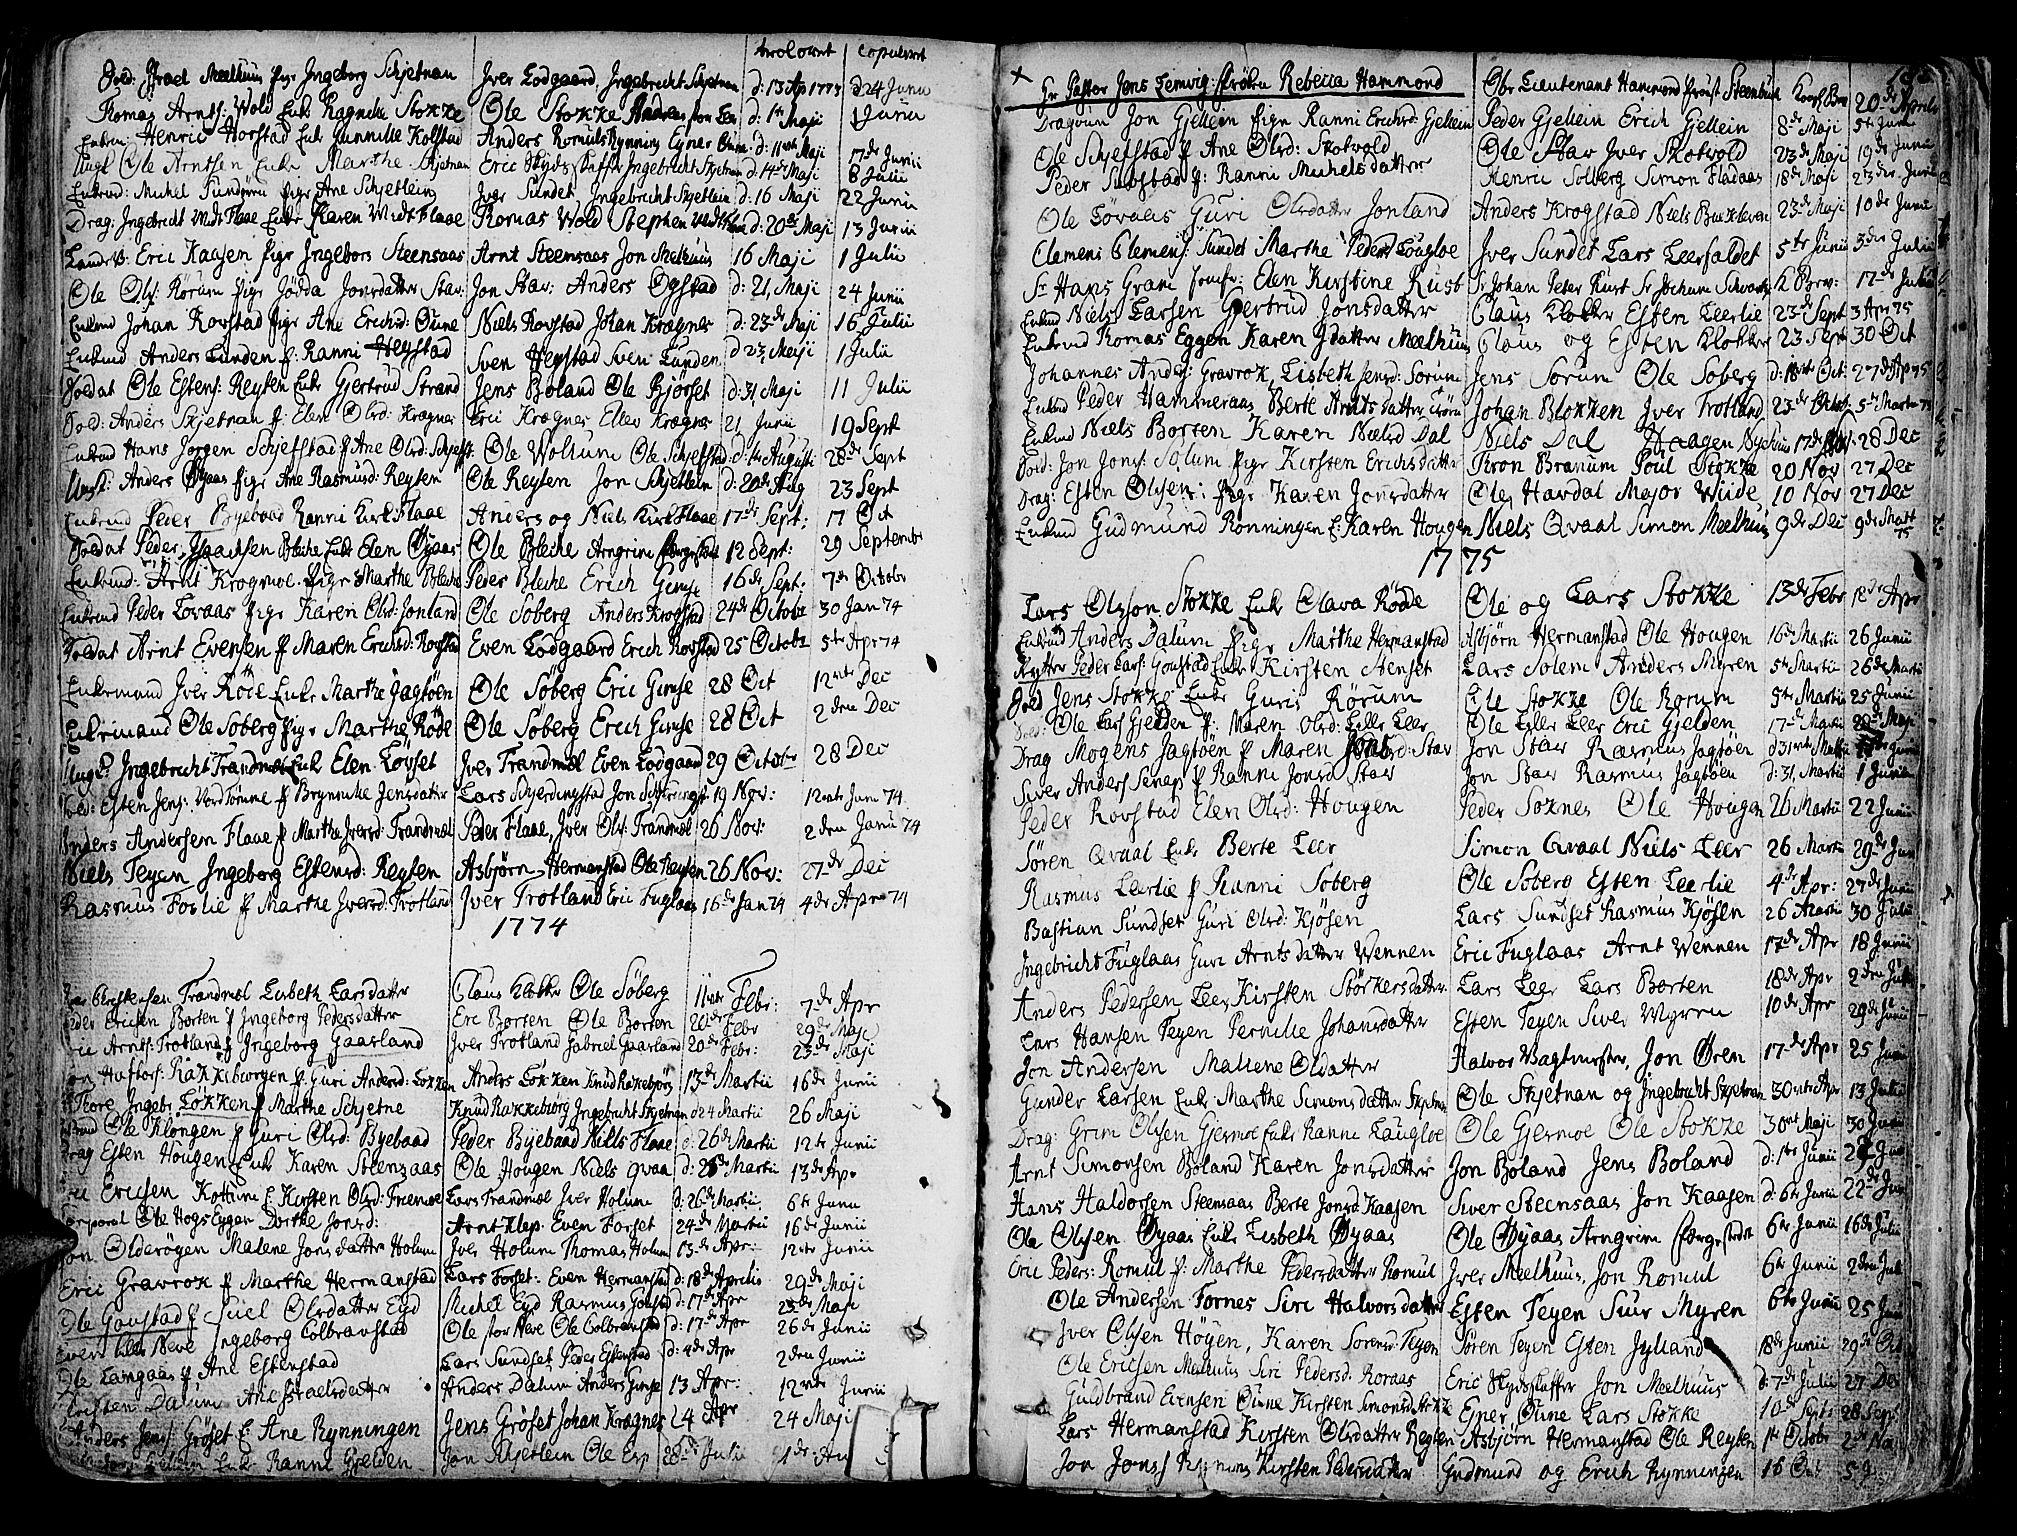 SAT, Ministerialprotokoller, klokkerbøker og fødselsregistre - Sør-Trøndelag, 691/L1061: Ministerialbok nr. 691A02 /1, 1768-1815, s. 182